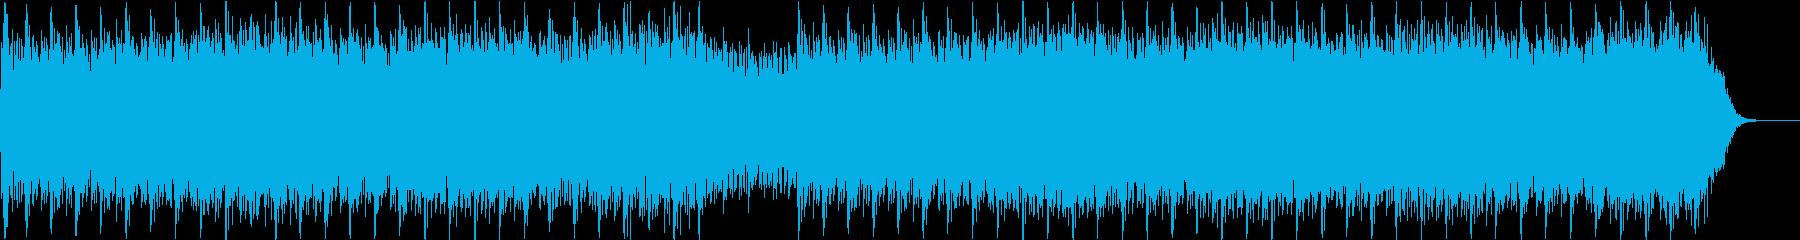 ホラー系追いかけられる緊迫BGMの再生済みの波形